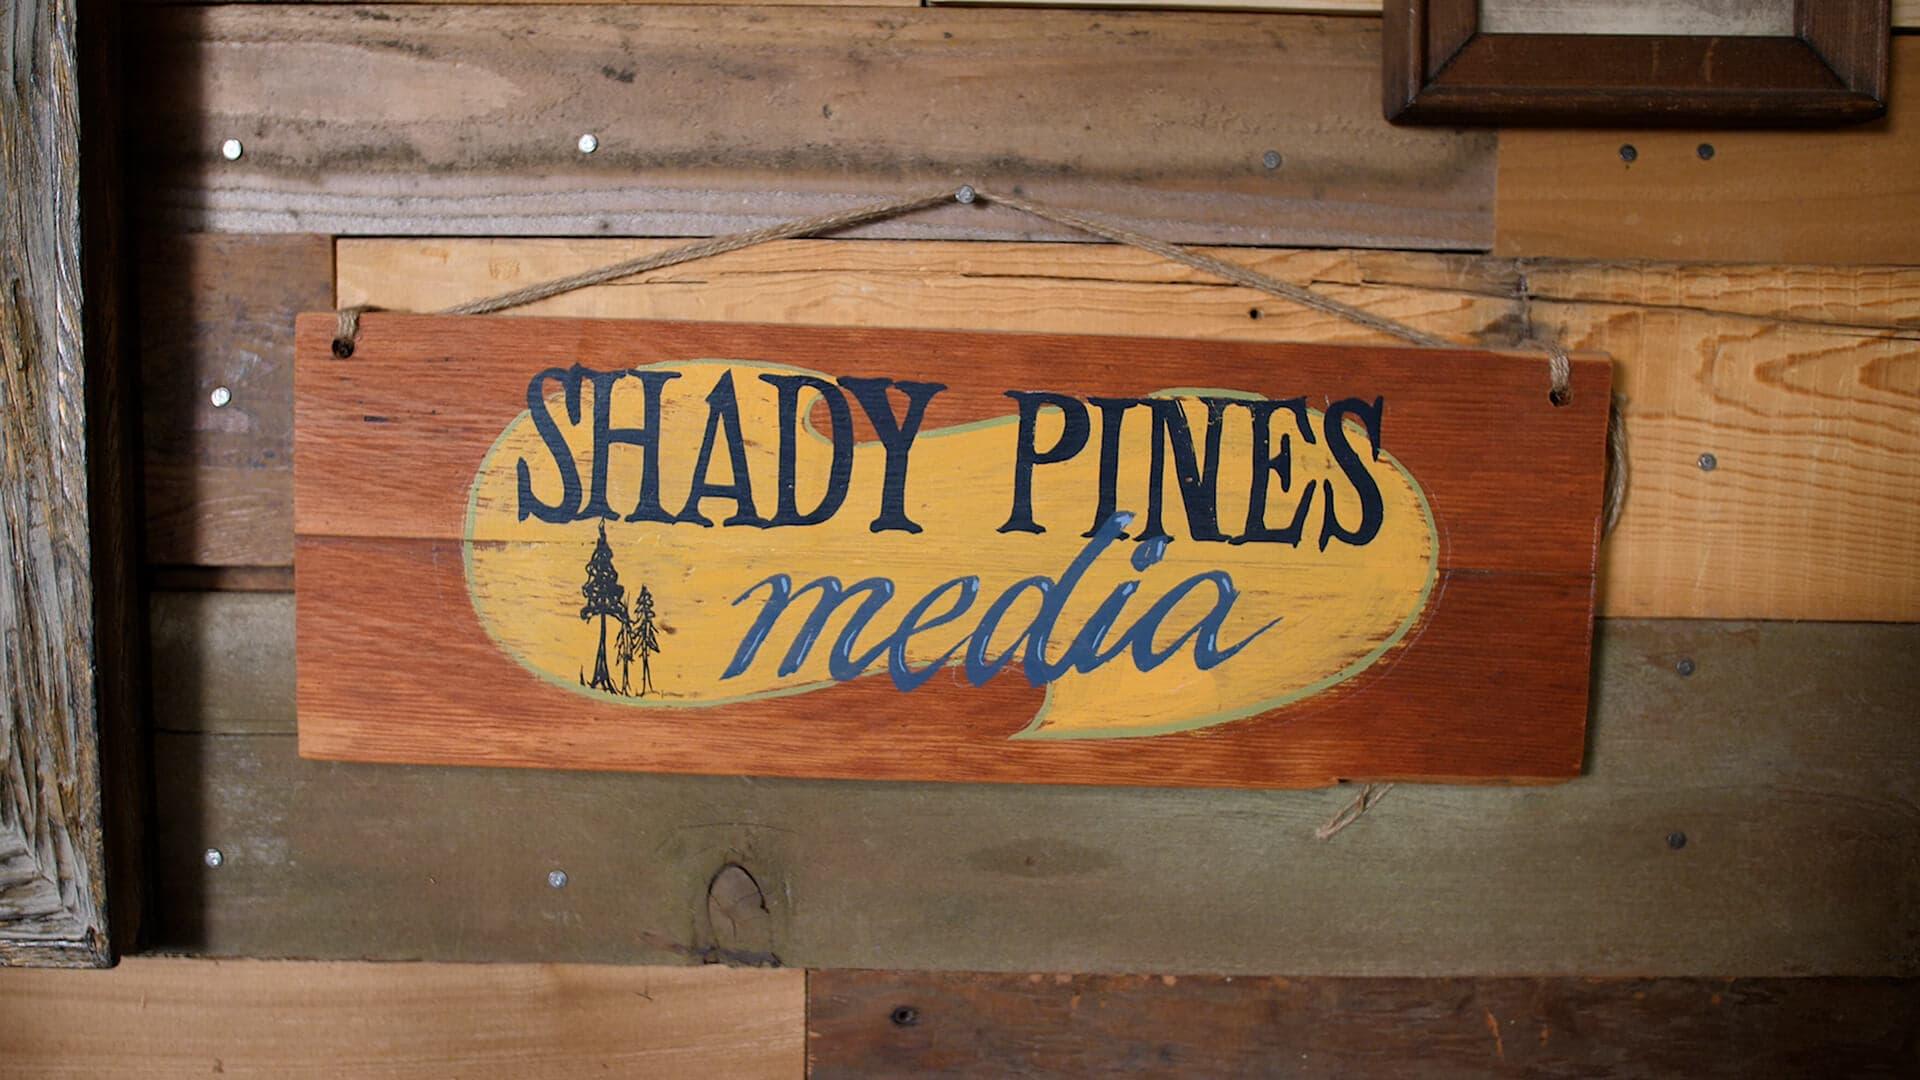 Shady Pines Media sign